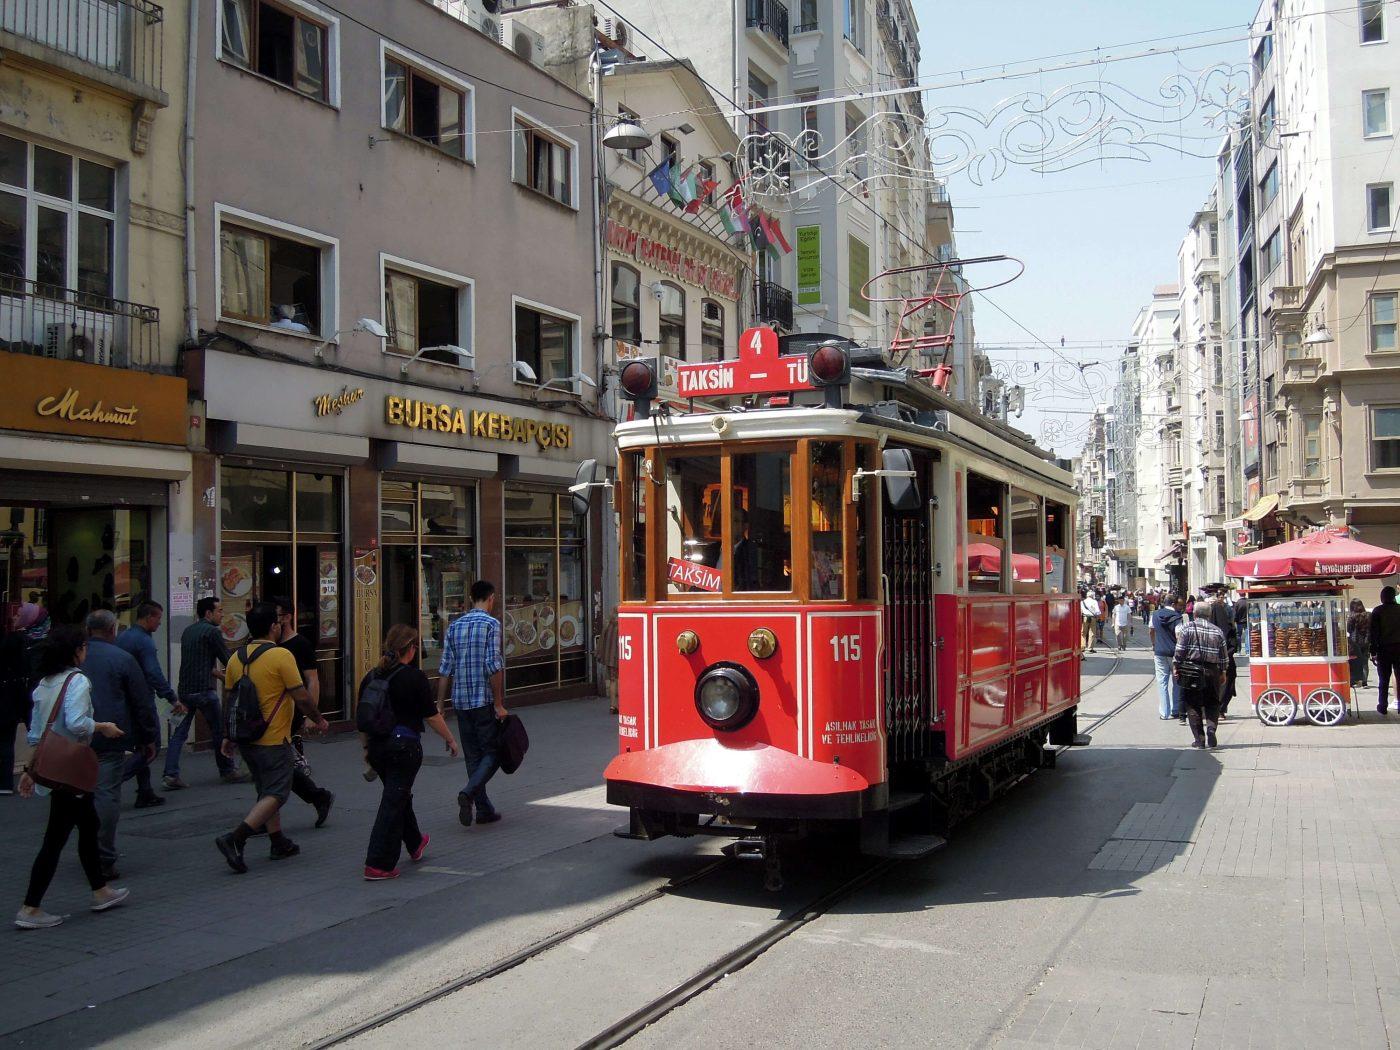 Прогулка районом Таксим, Турция